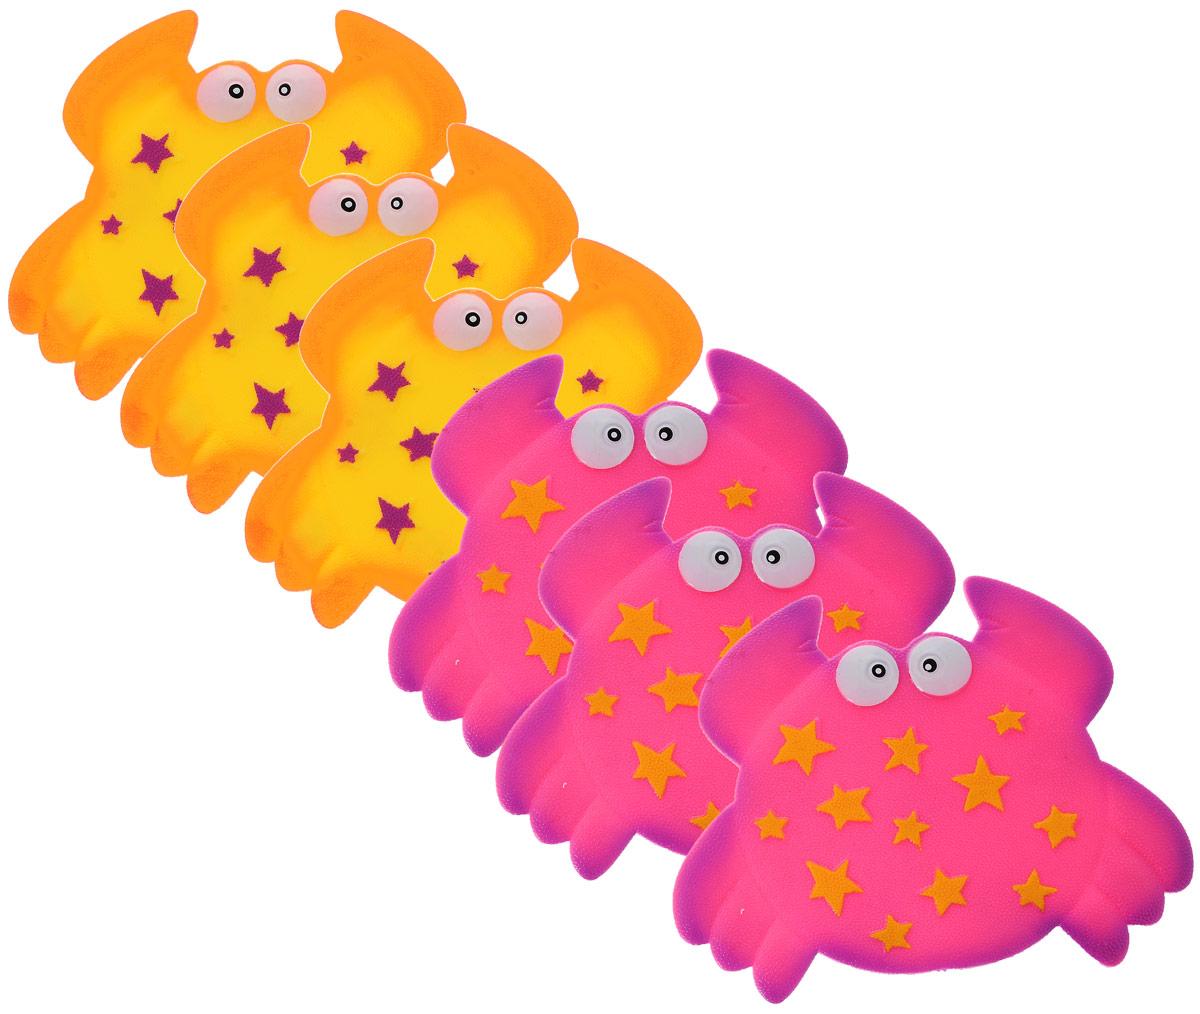 Valiant Мини-коврик для ванной комнаты Крабик на присосках цвет желтый розовый 6 шт -  Все для купания